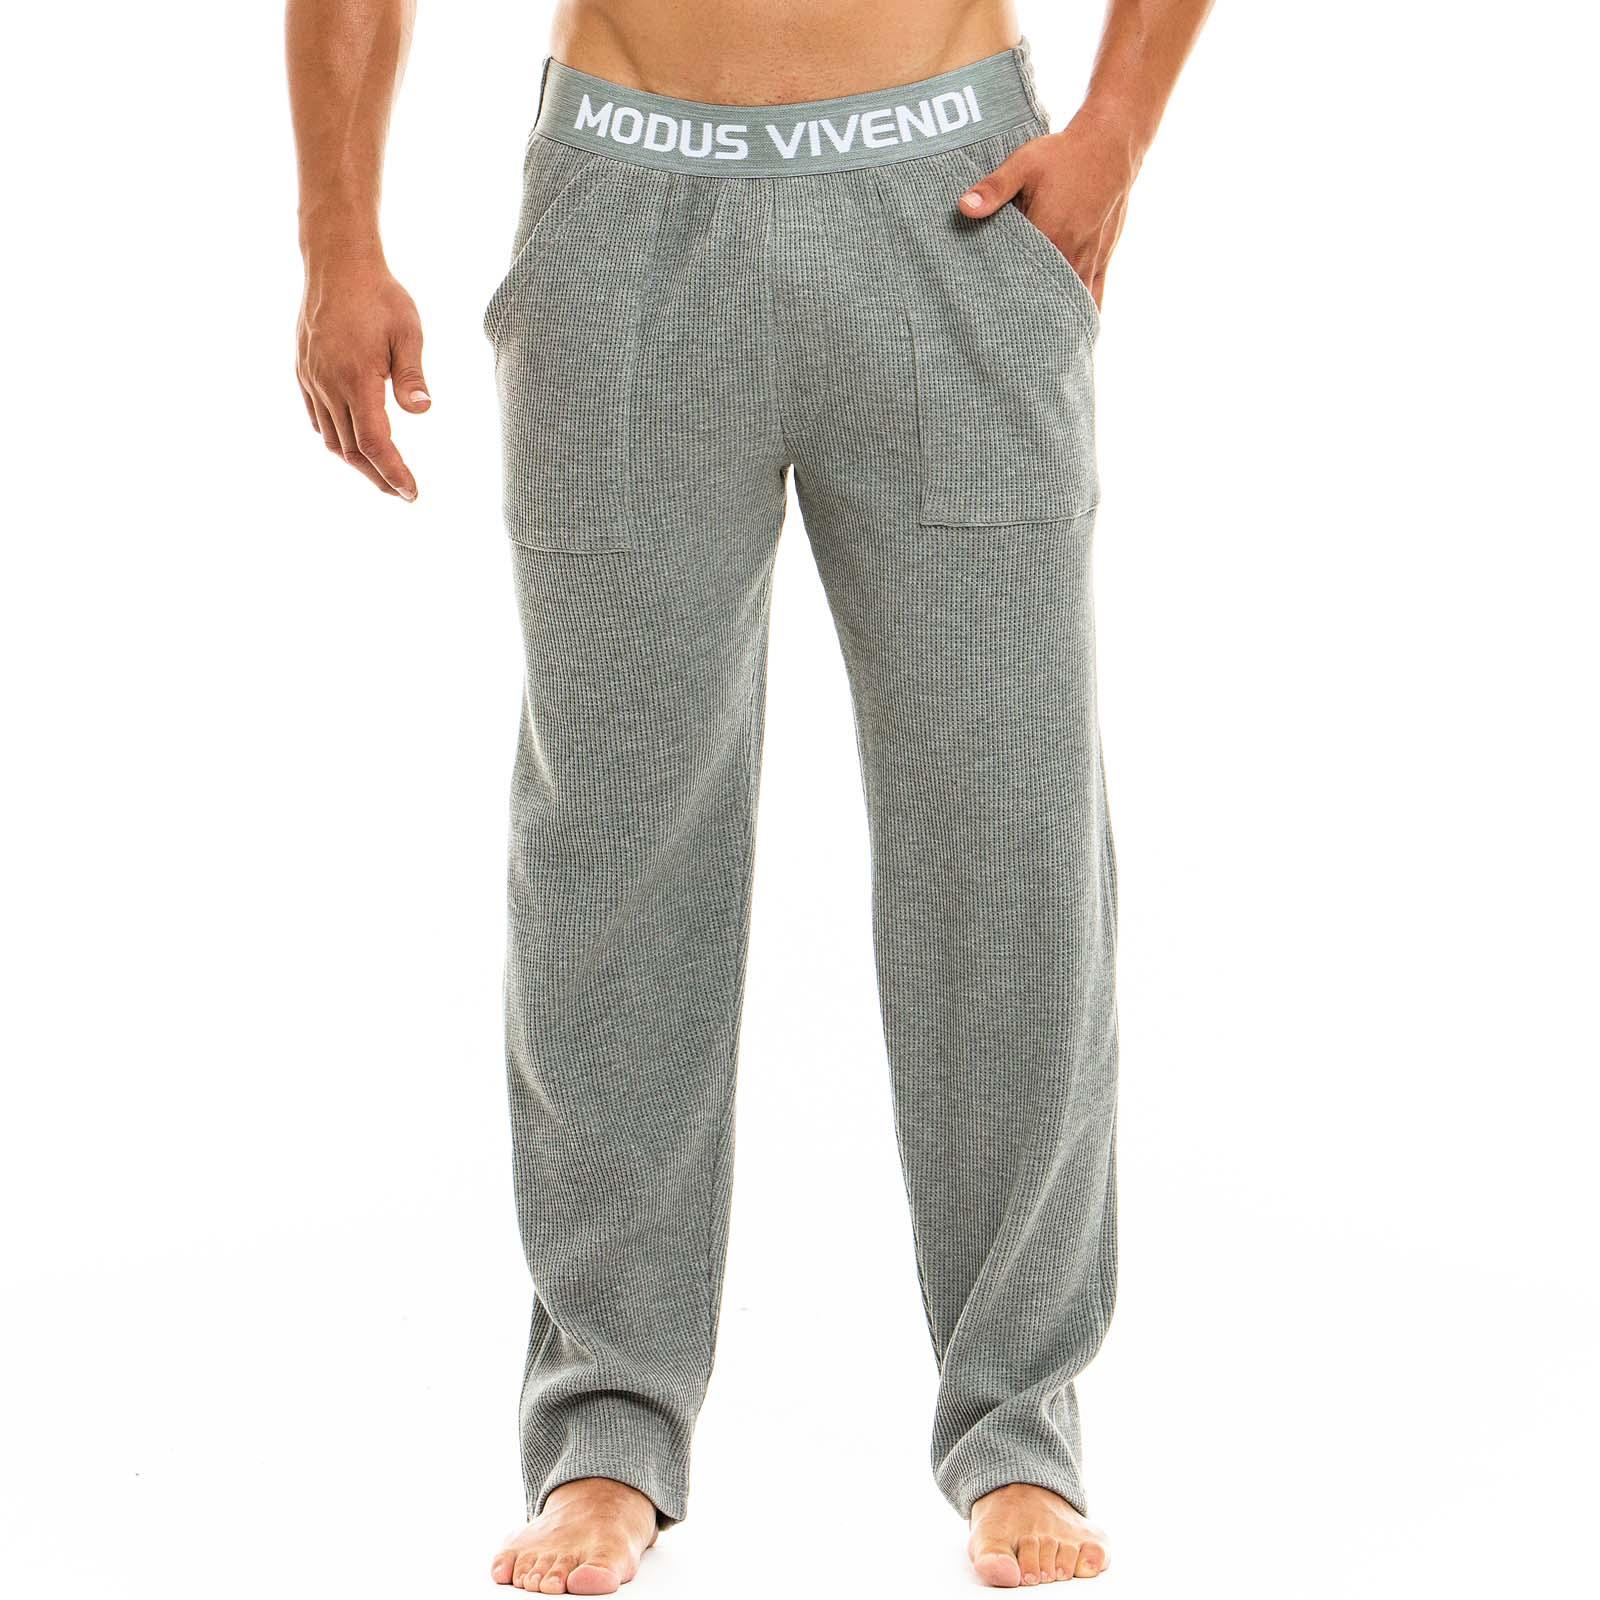 Pantalon Modus Vivendi Classic 02961